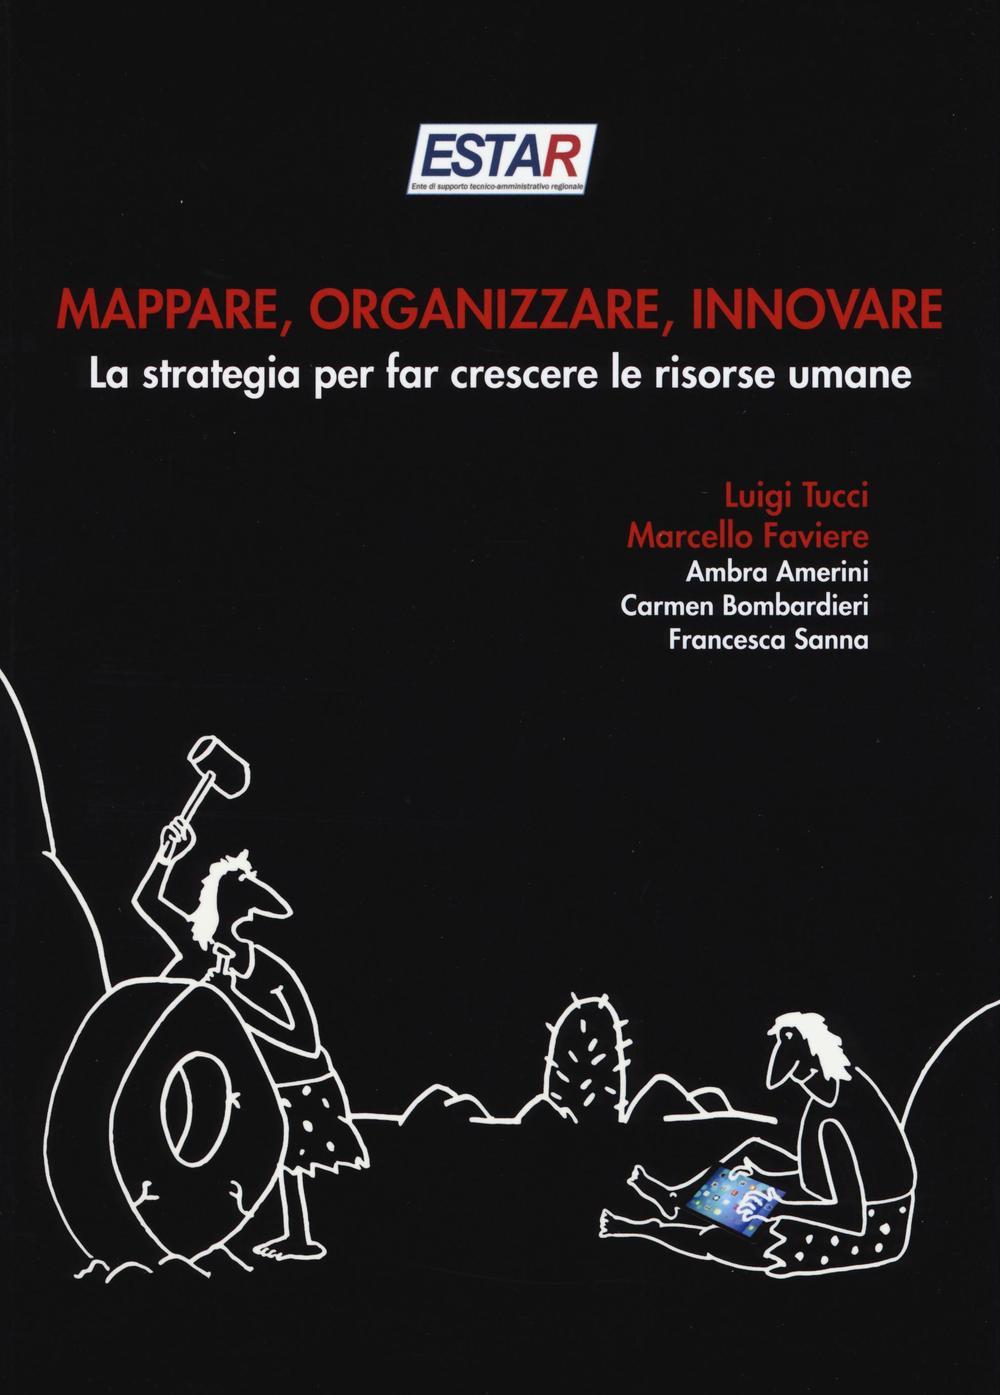 Mappare, organizzare, innovare. La strategia per far crescere le risorse umane ISBN:9788869950506